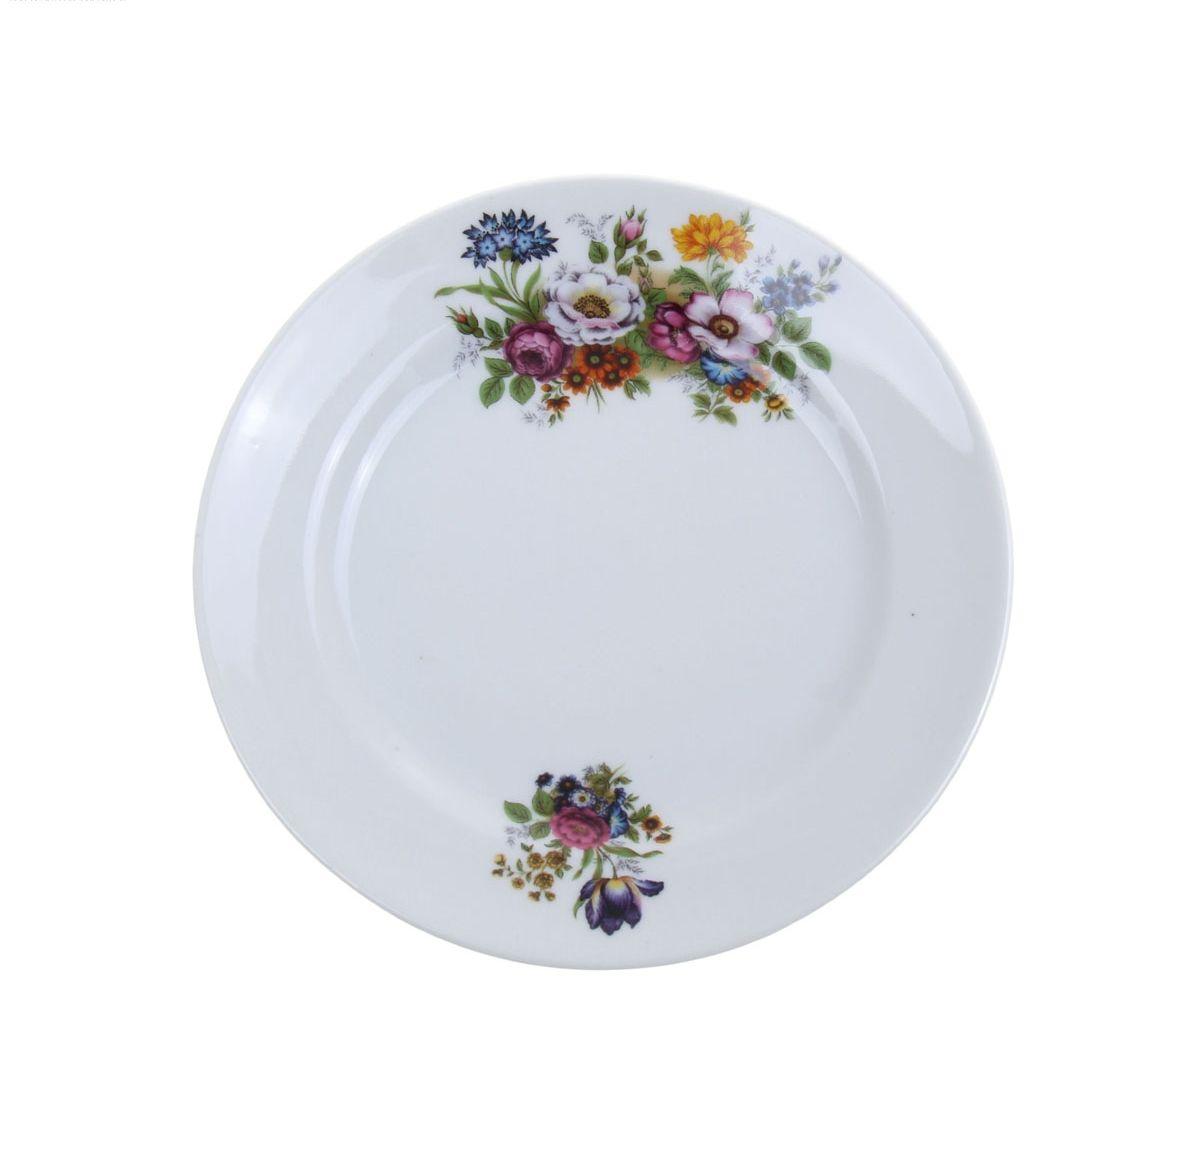 Тарелка мелкая Идиллия. Букет цветов, диаметр 17 см1063088Мелкая тарелка Идиллия. Букет цветов выполнена из высококачественного фарфора и украшена ярким рисунком. Она прекрасно впишется в интерьер вашей кухни и станет достойным дополнением к кухонному инвентарю. Тарелка Идиллия. Букет цветов подчеркнет прекрасный вкус хозяйки и станет отличным подарком. Диаметр тарелки: 17 см.